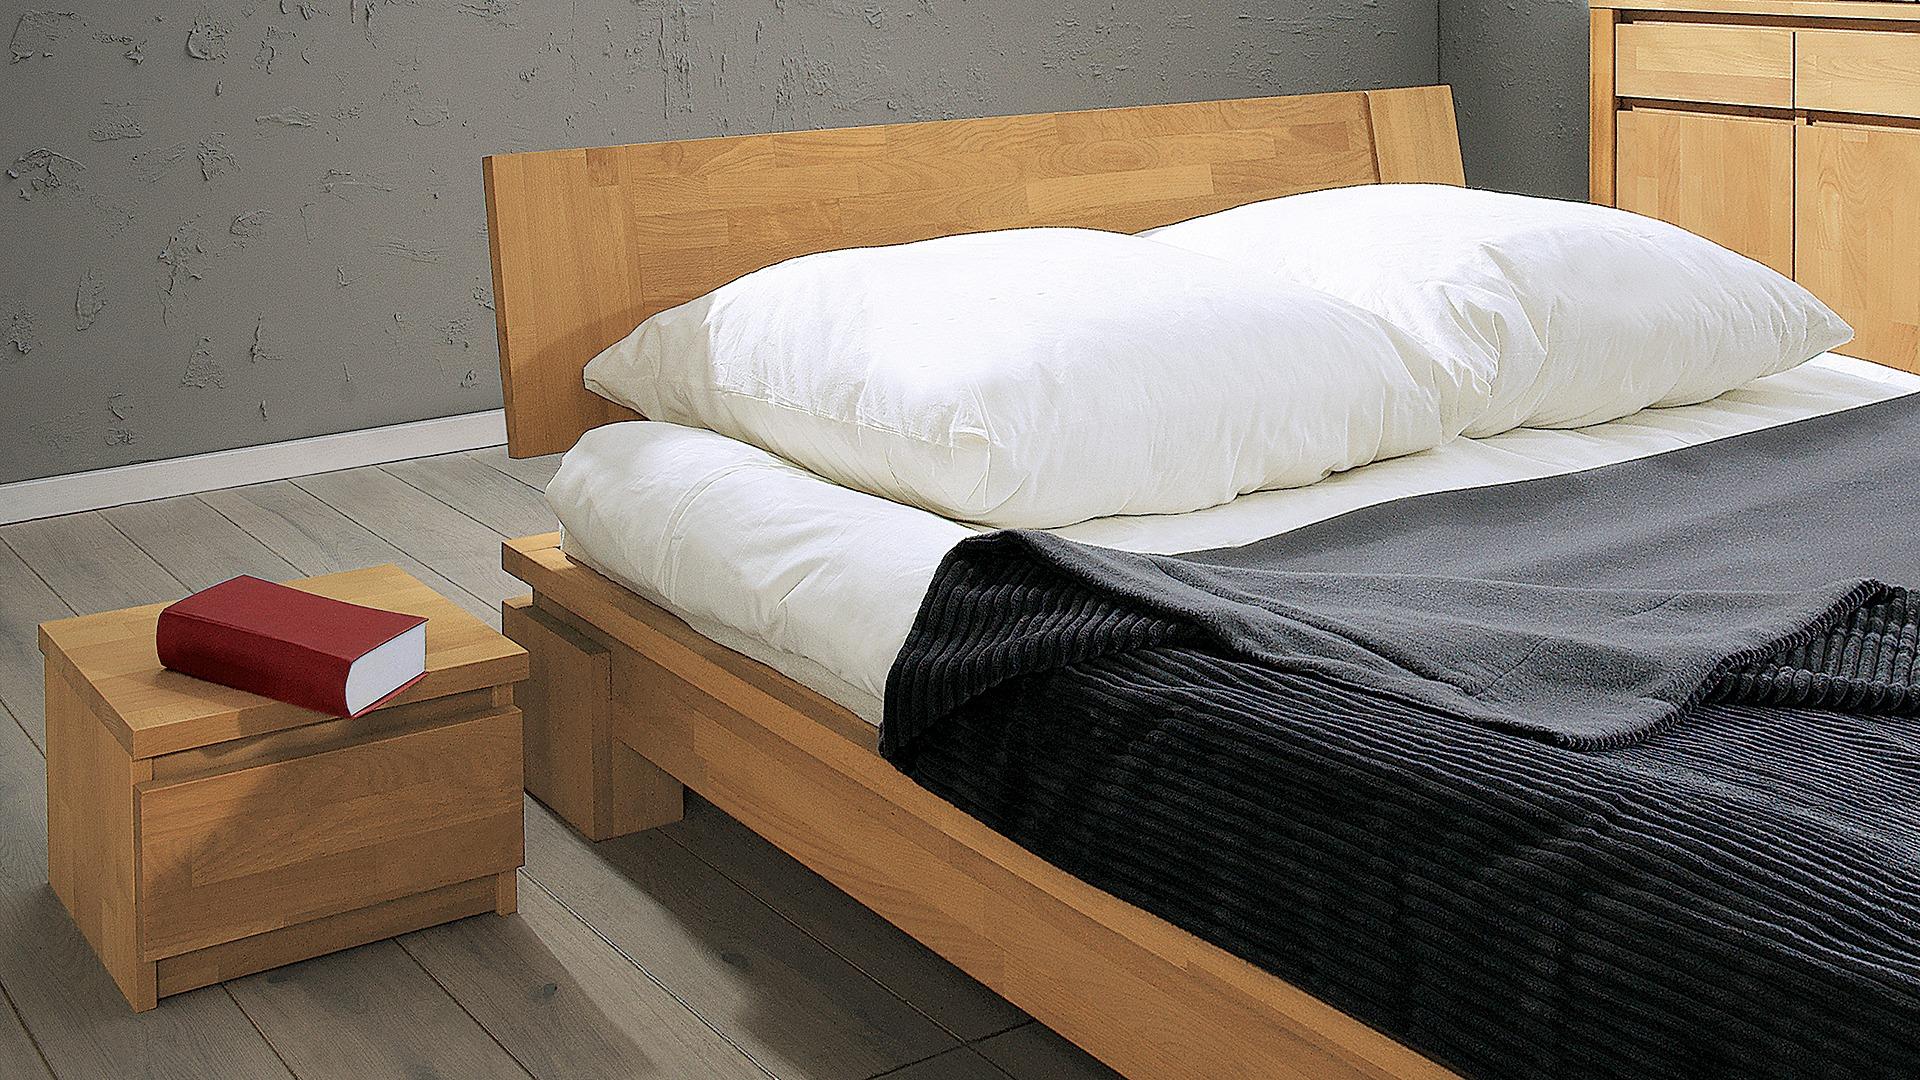 Full Size of Nachttisch Eleganto Aus Geltem Buchenholz Bett Mit Stauraum 140x200 Weiss 200x200 Komforthöhe 120 Wasser Treca Betten Ausklappbar Dänisches Bettenlager Bett Bett Niedrig